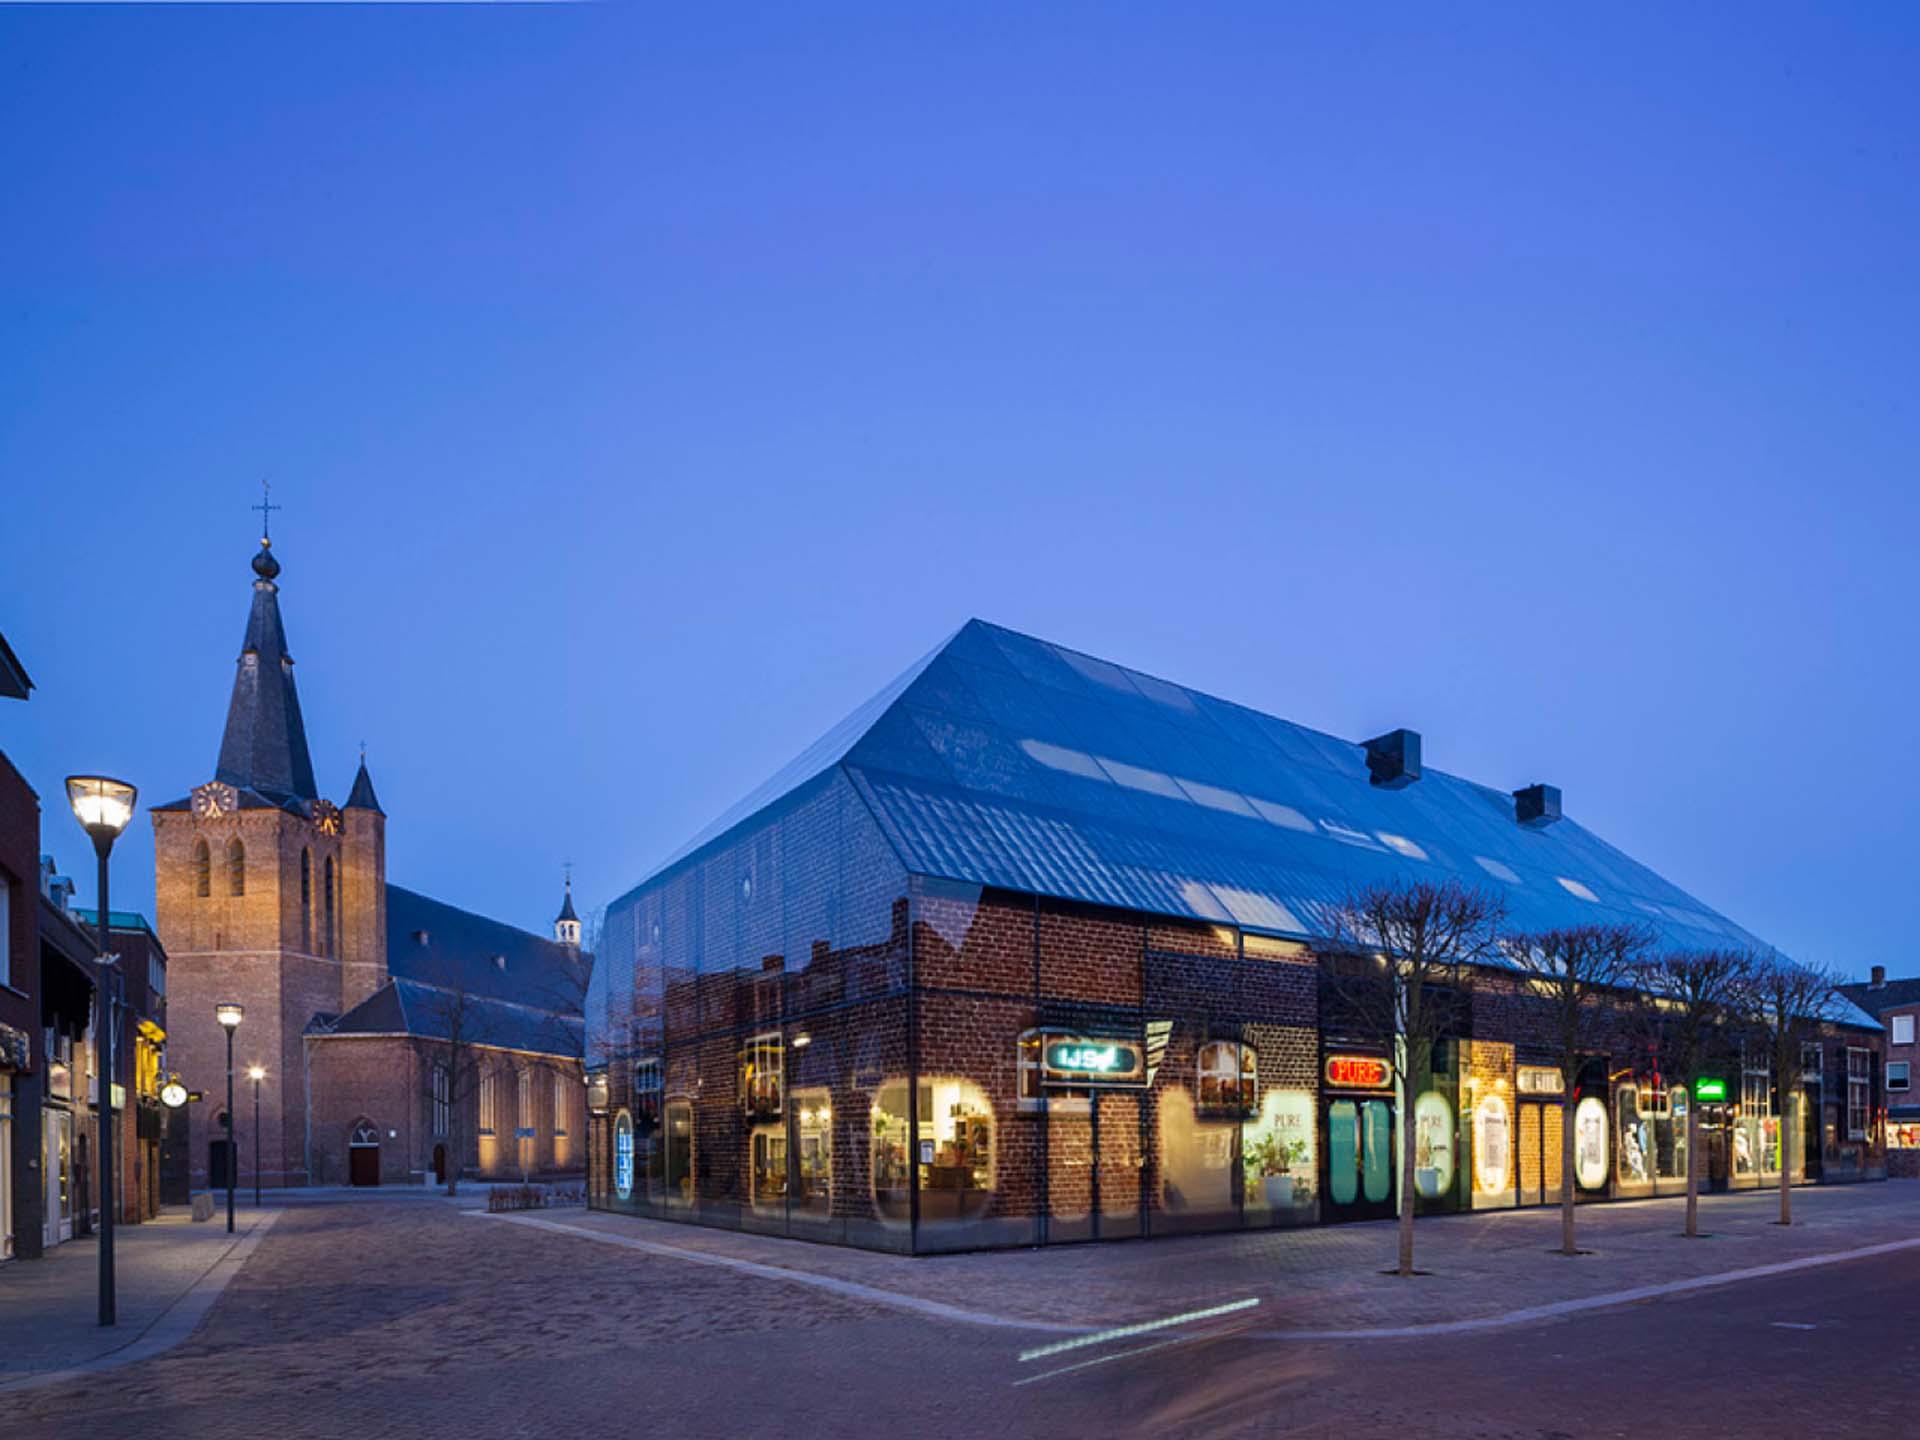 曾經為鄉村城鎮中心的穀倉或農舍,隨著時代轉變用途,也能成為社區居民活動中心,荷蘭的玻璃農舍。圖/https://www.mvrdv.nl/en/projects/glass-farm